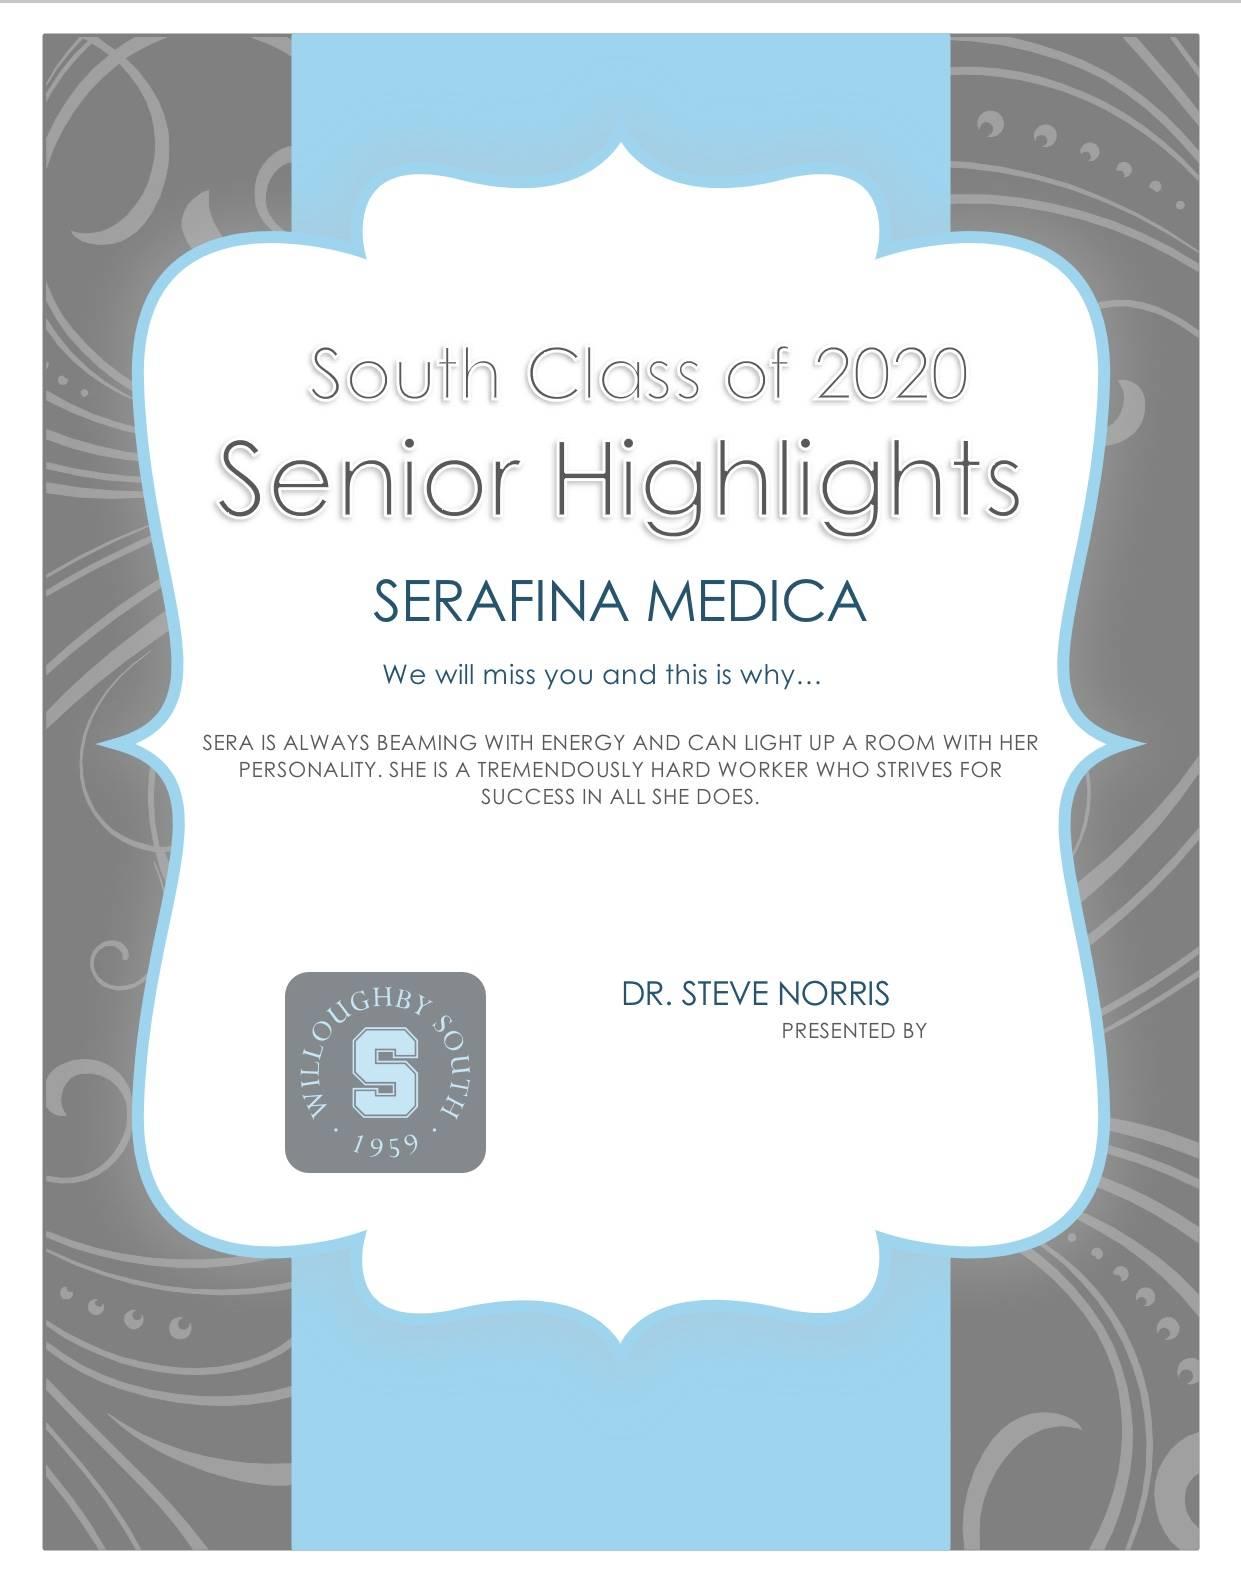 Serafina Medica